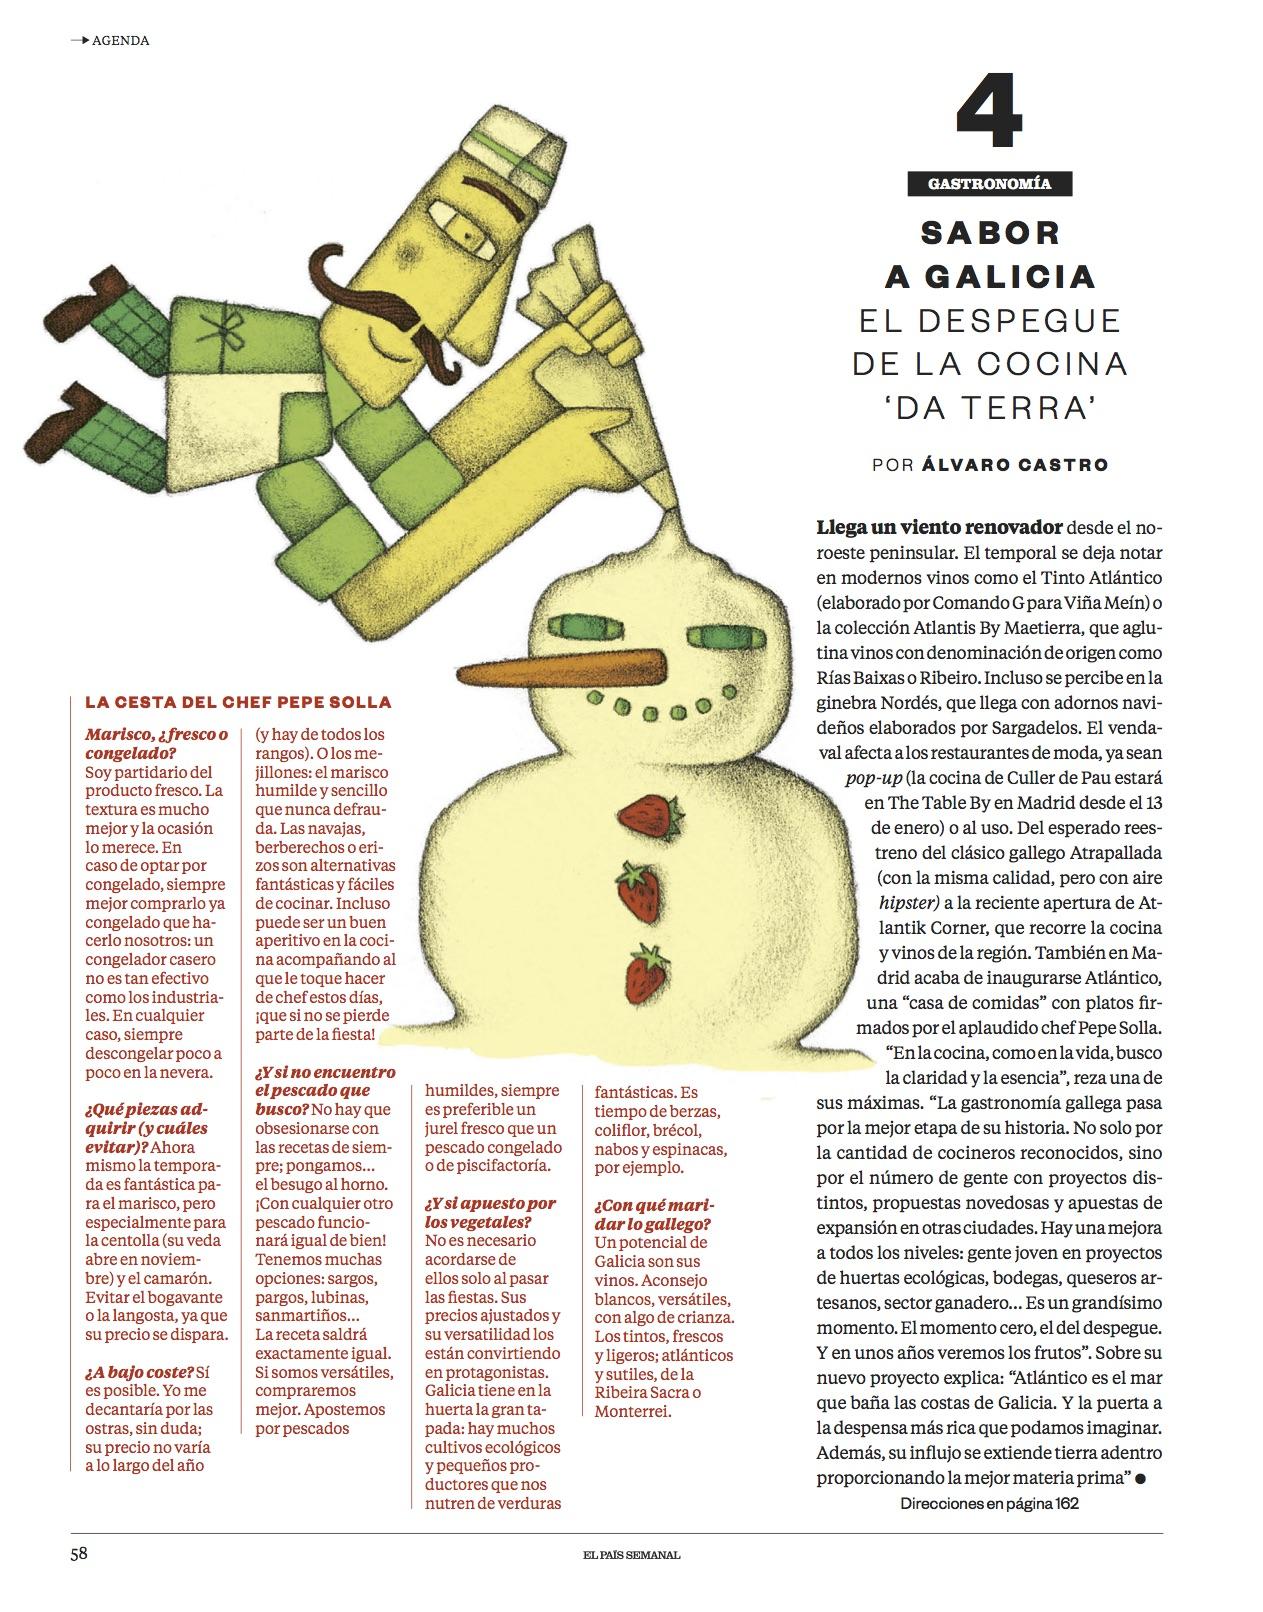 Sabor a Galicia y otras tendencias/ El País Semanal